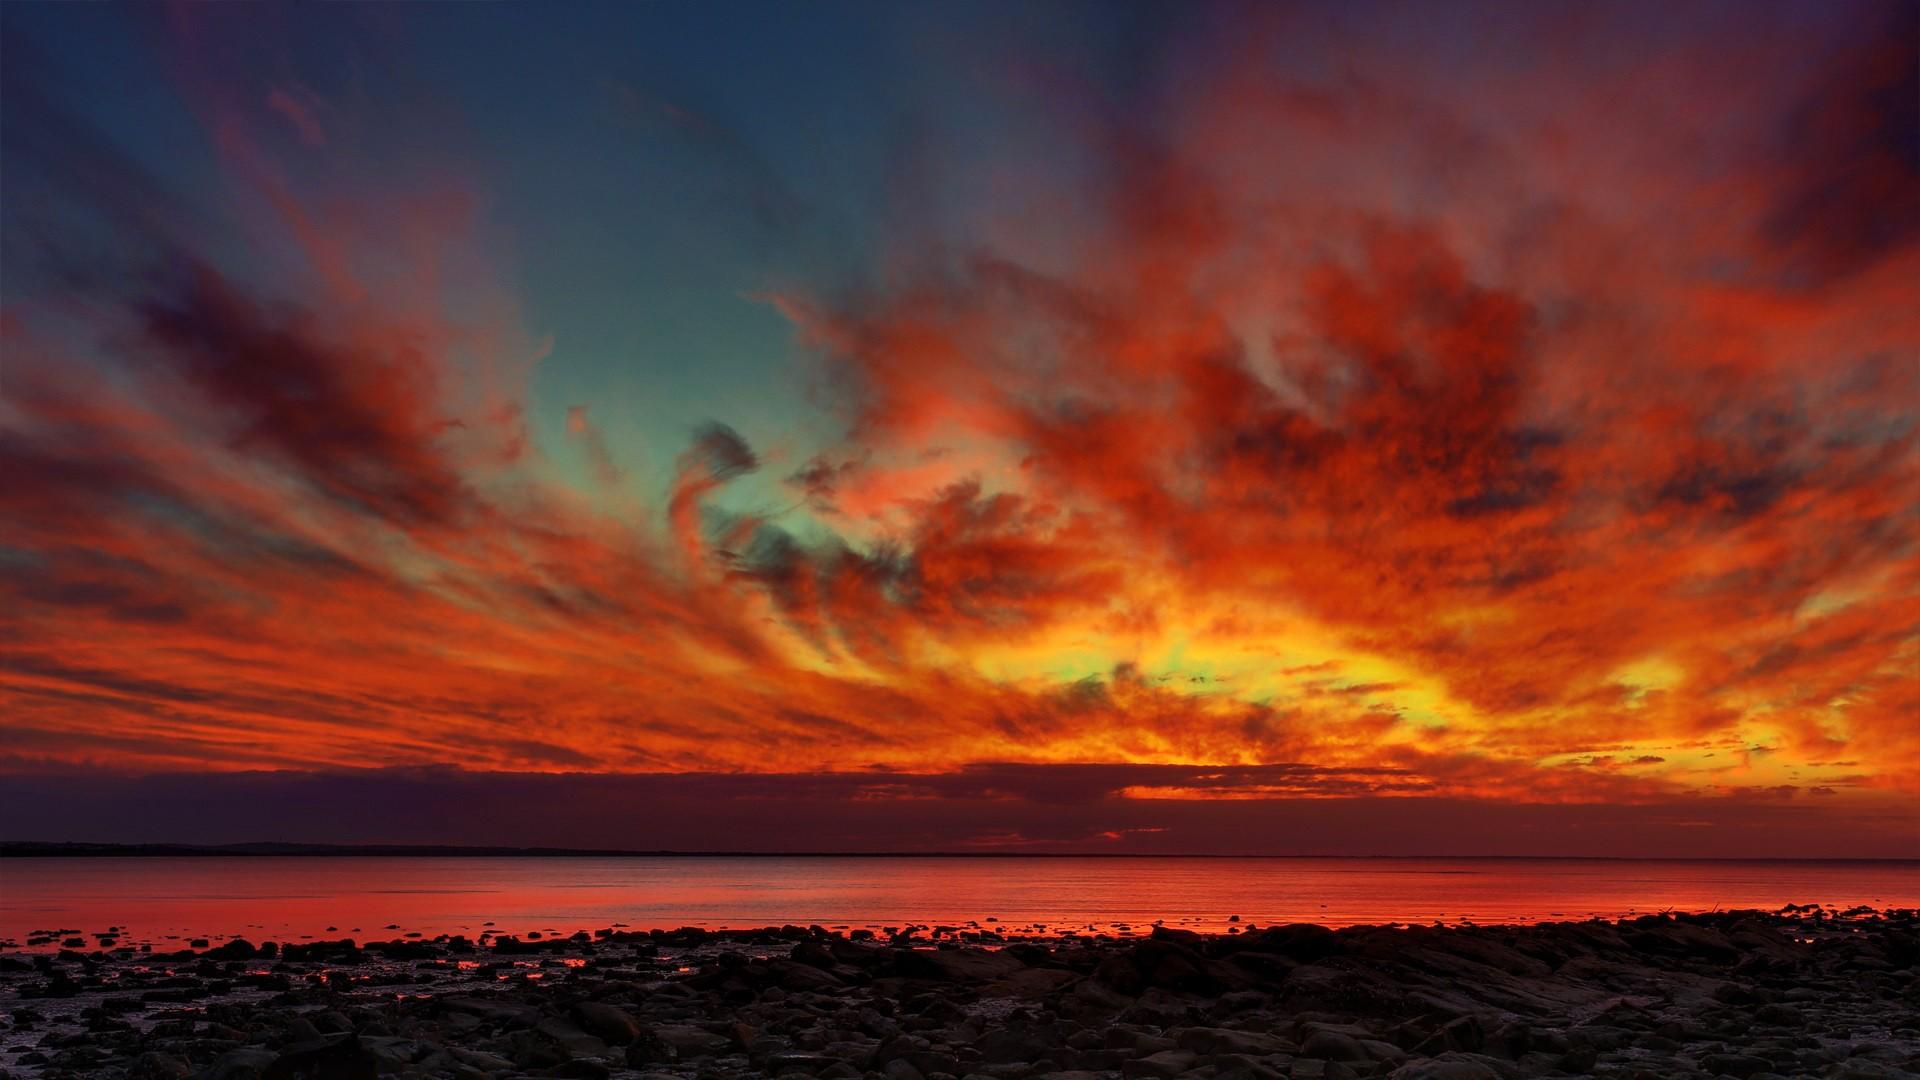 General 1920x1080 landscape clouds horizon